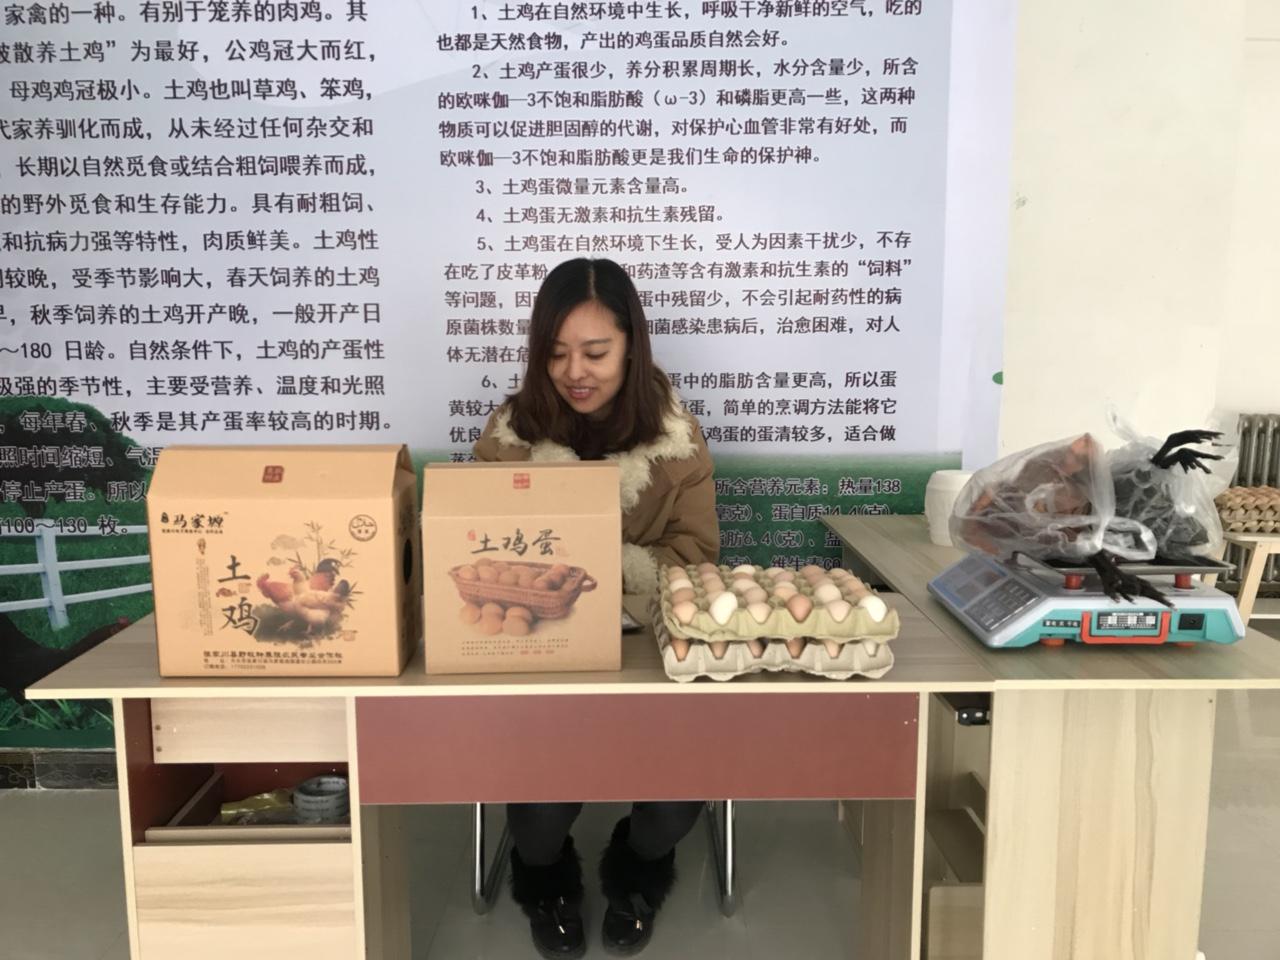 张家川首家原生态土鸡乌鸡专卖店即将开业所有产品优惠预售,门都要挤爆了